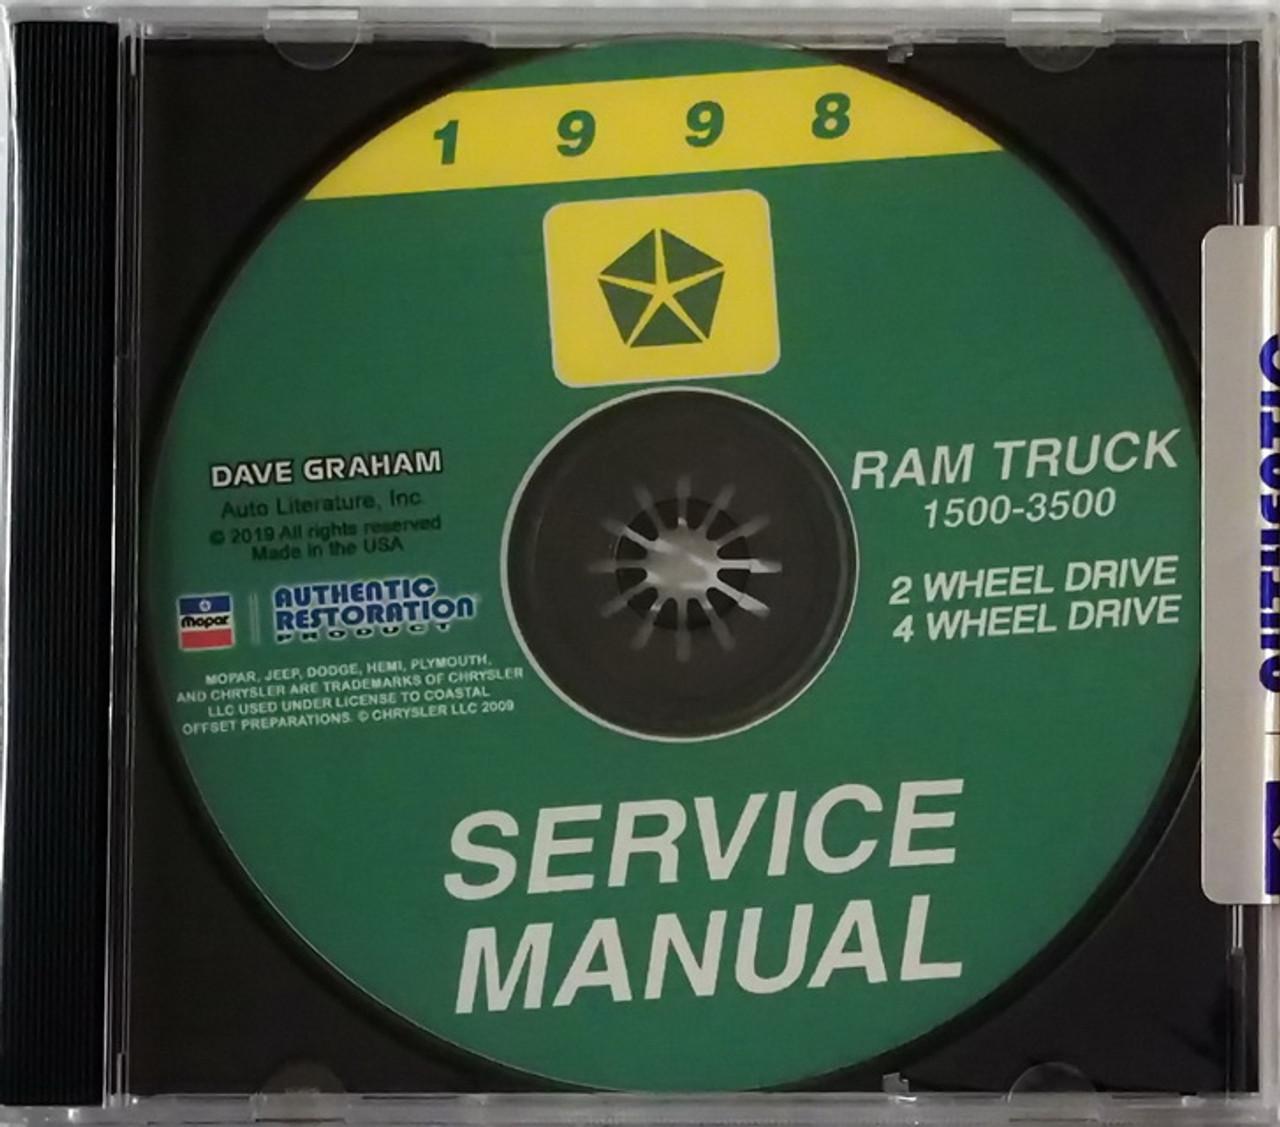 2003 Dodge Ram Truck Shop Manual on CD-ROM 1500 2500 3500 Pickup Repair Service